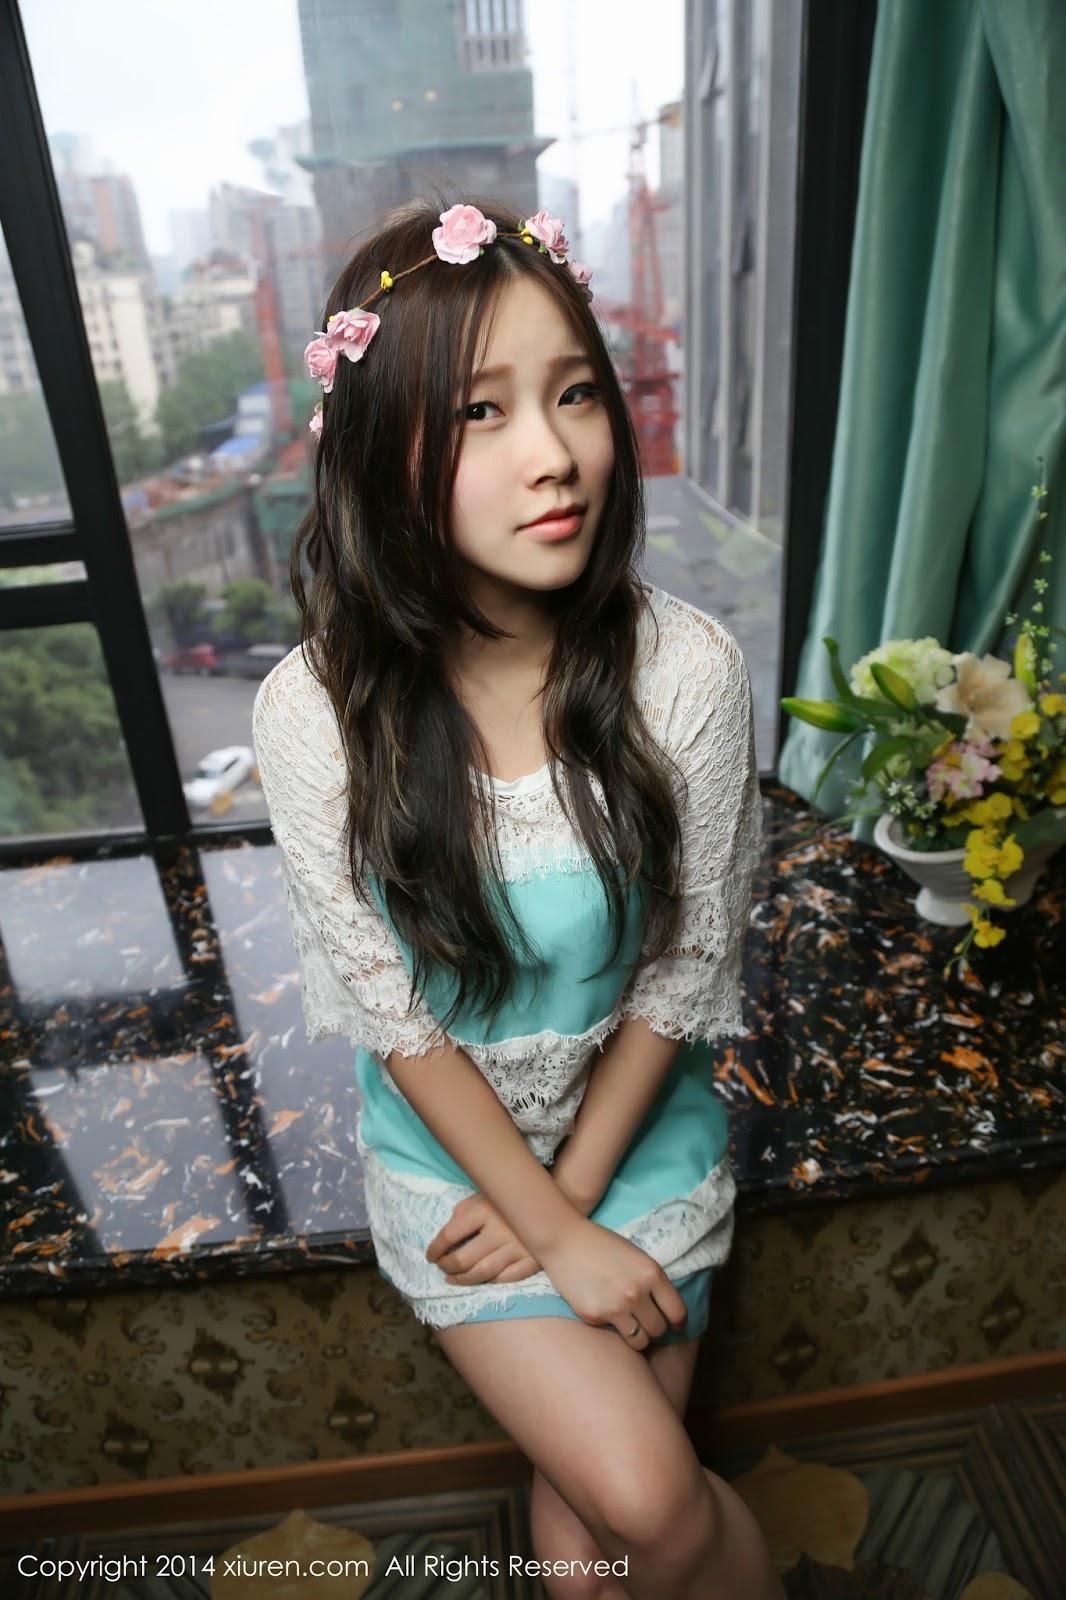 DKGirl Vol. 120 Ai Xiao Qing - Best Hot Girls